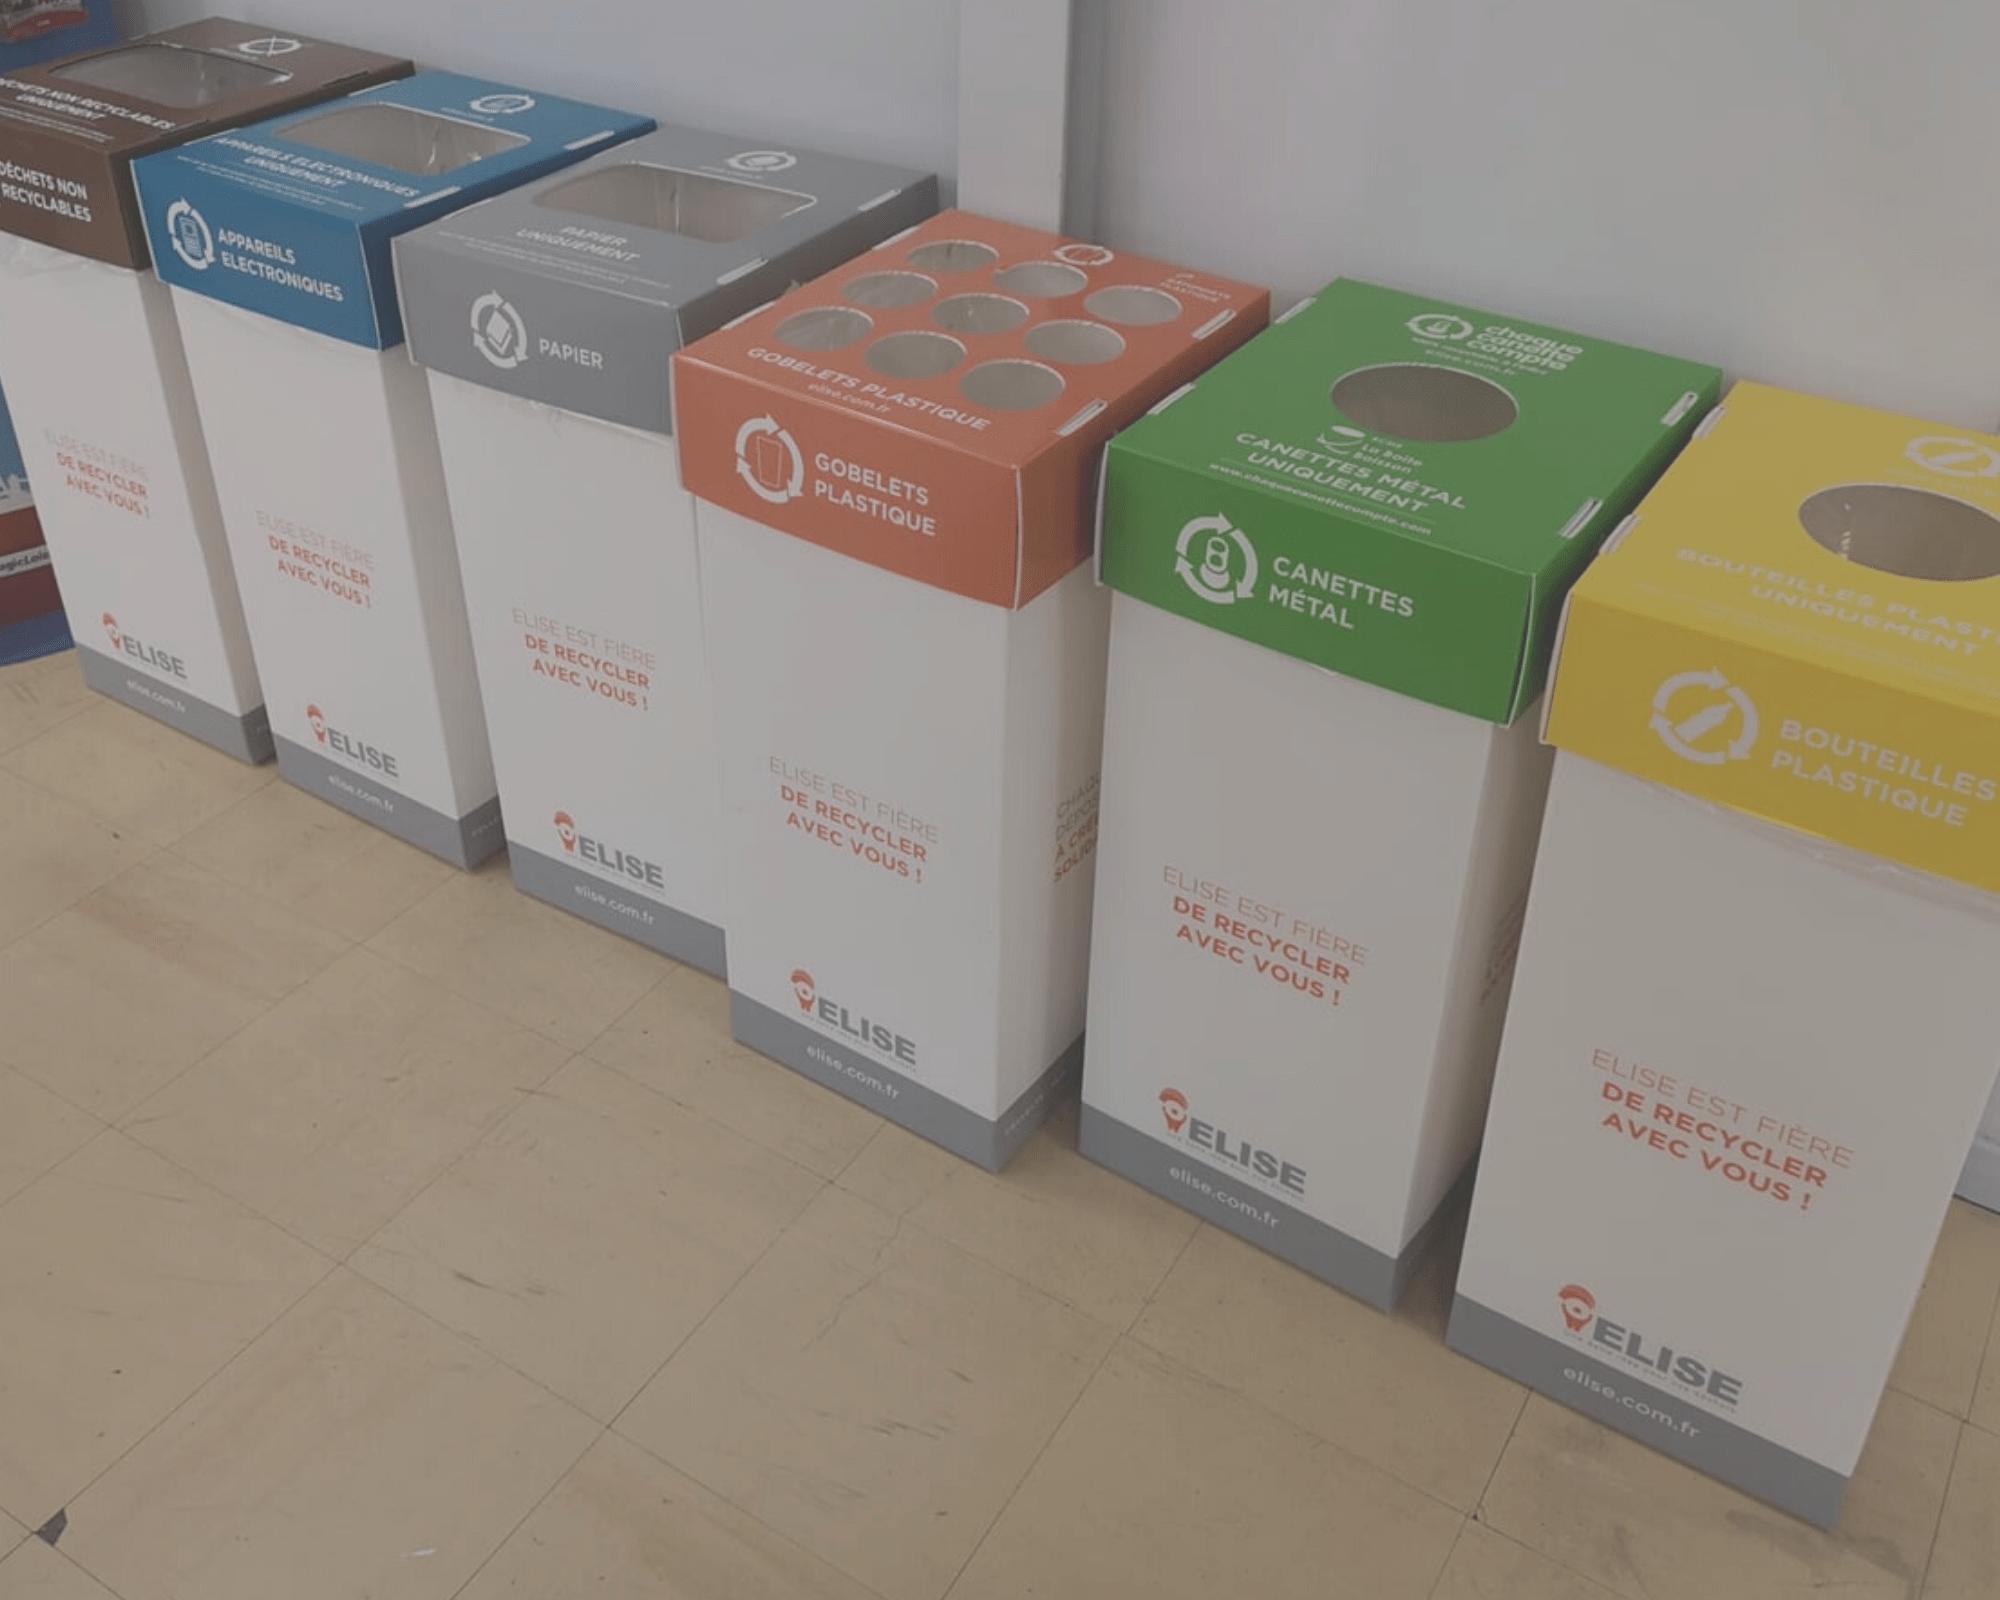 Donner une seconde vie à nos objets en organisant des collectes dans son entreprise